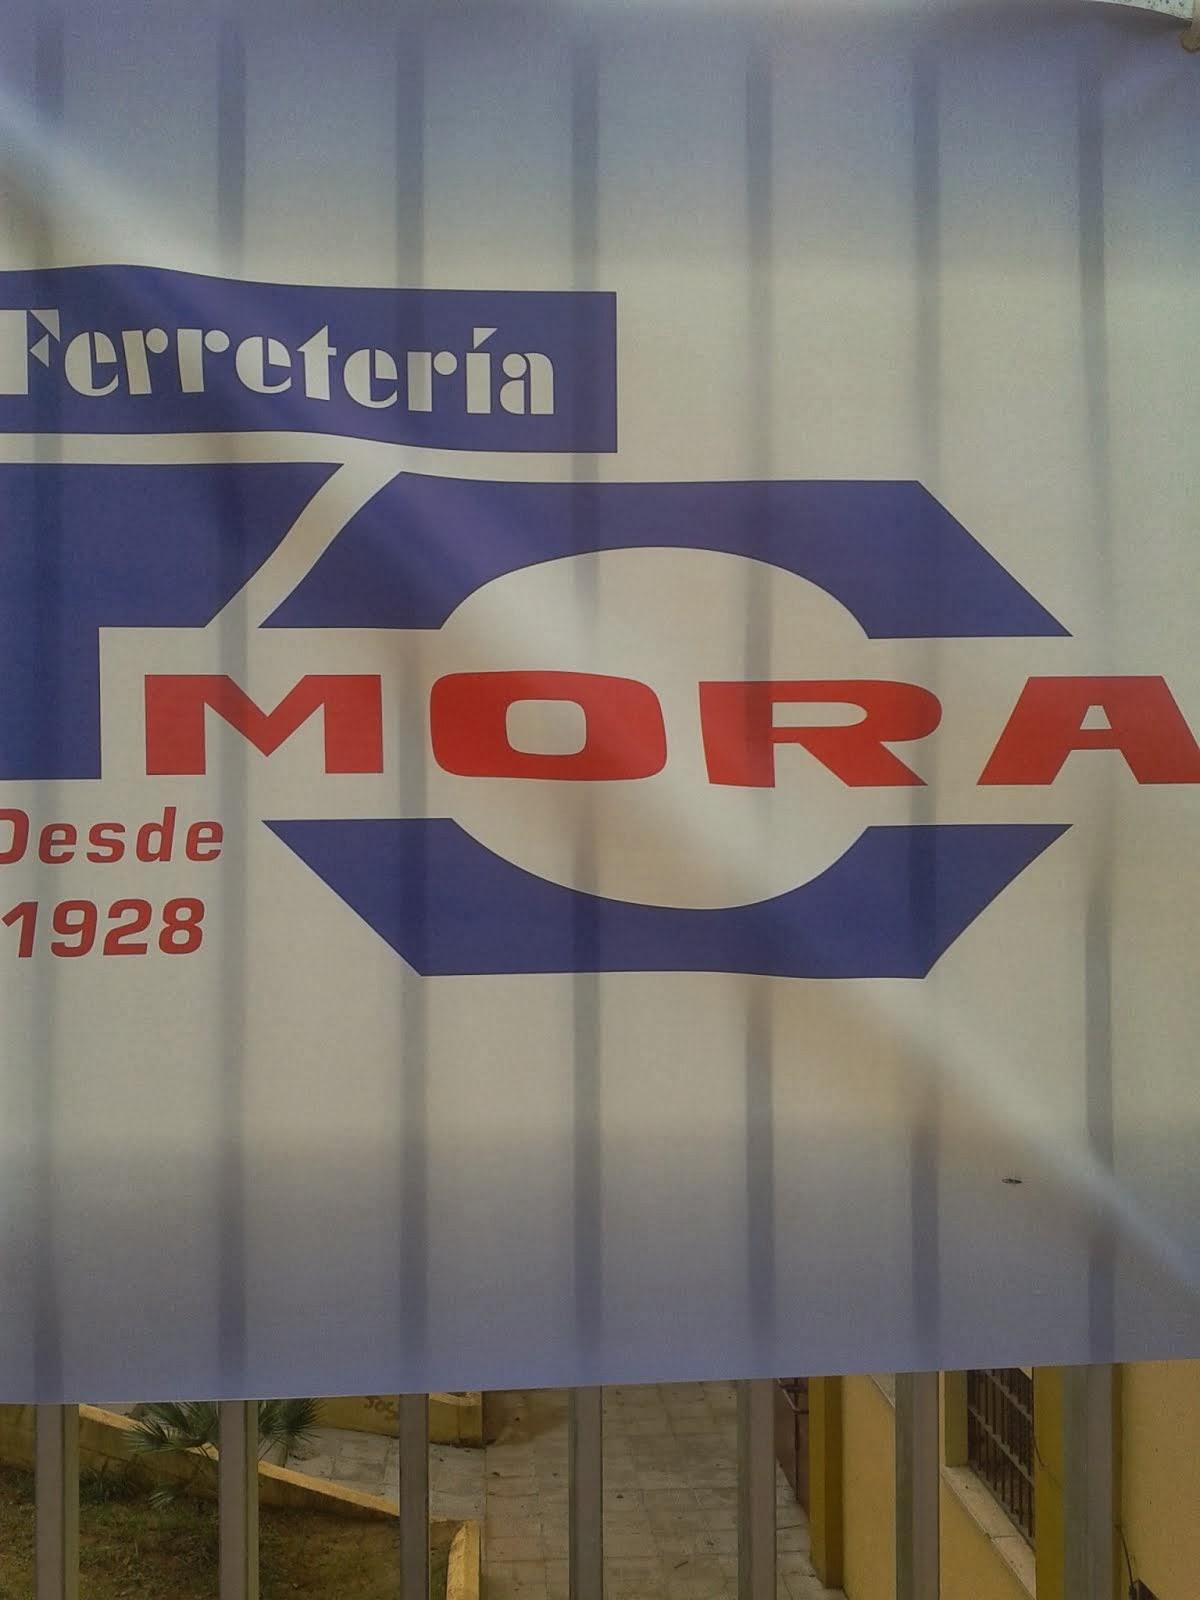 Ferreteria Mora